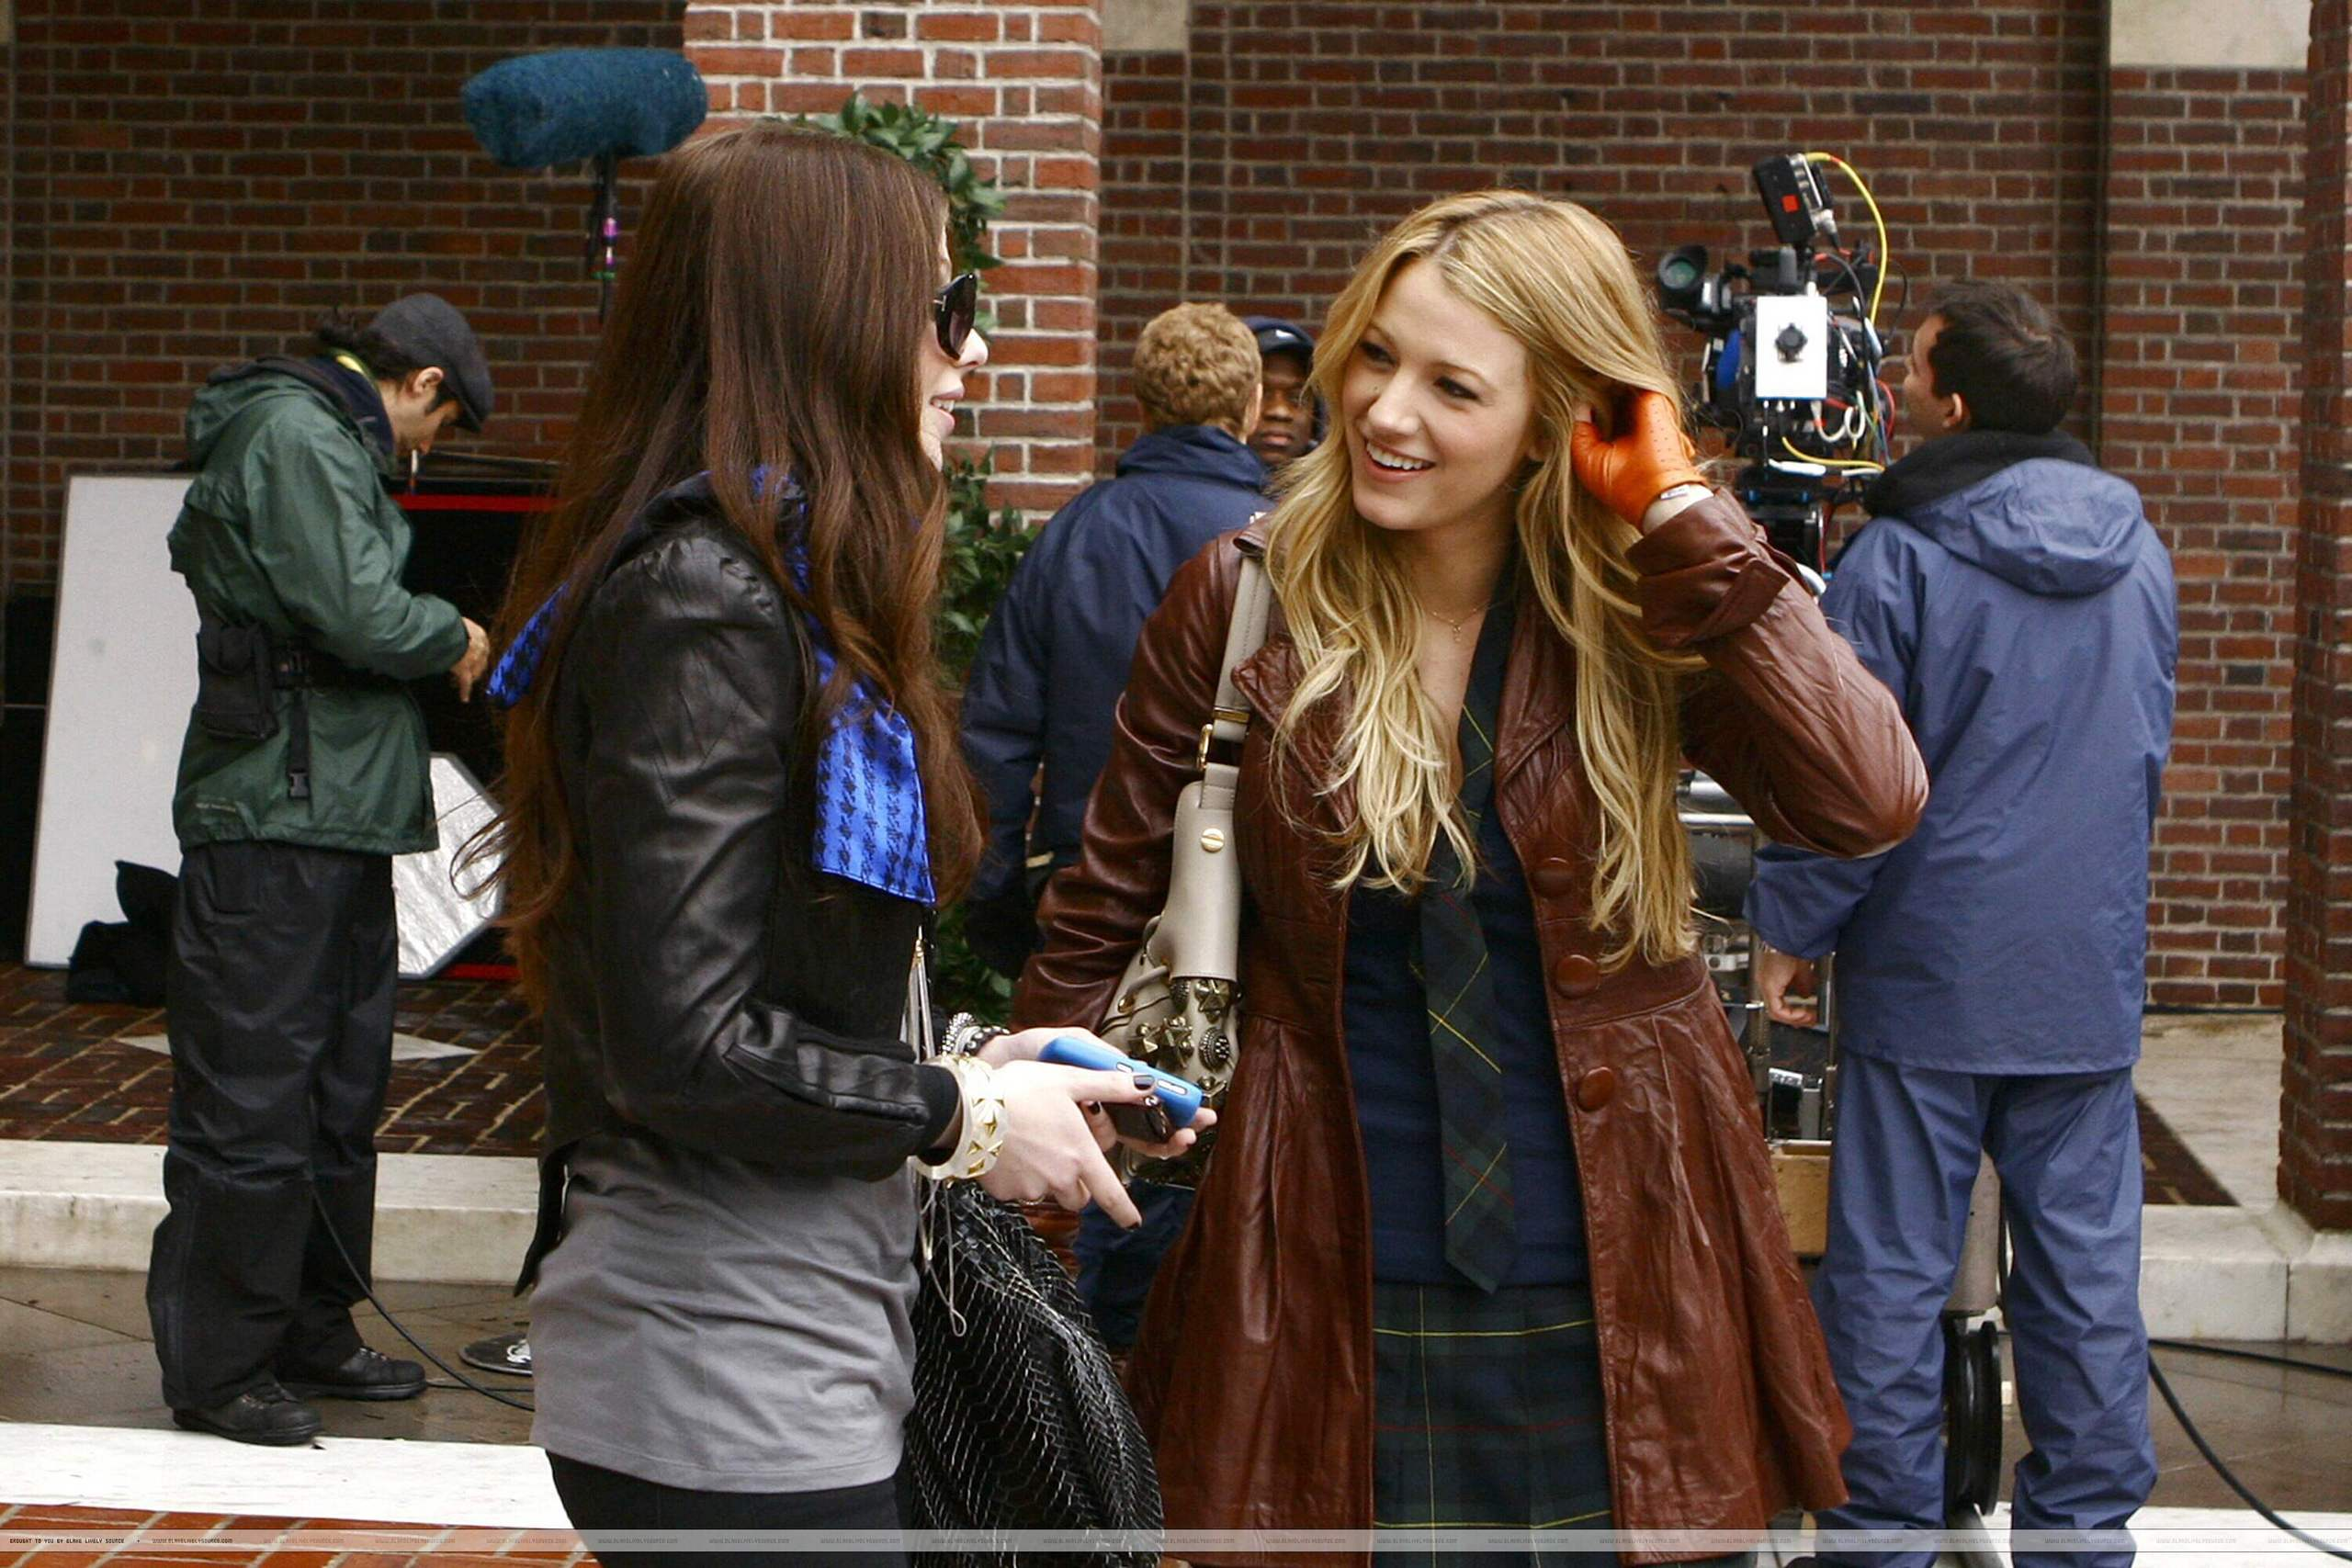 gossip girl season 5 episode 15 full cast